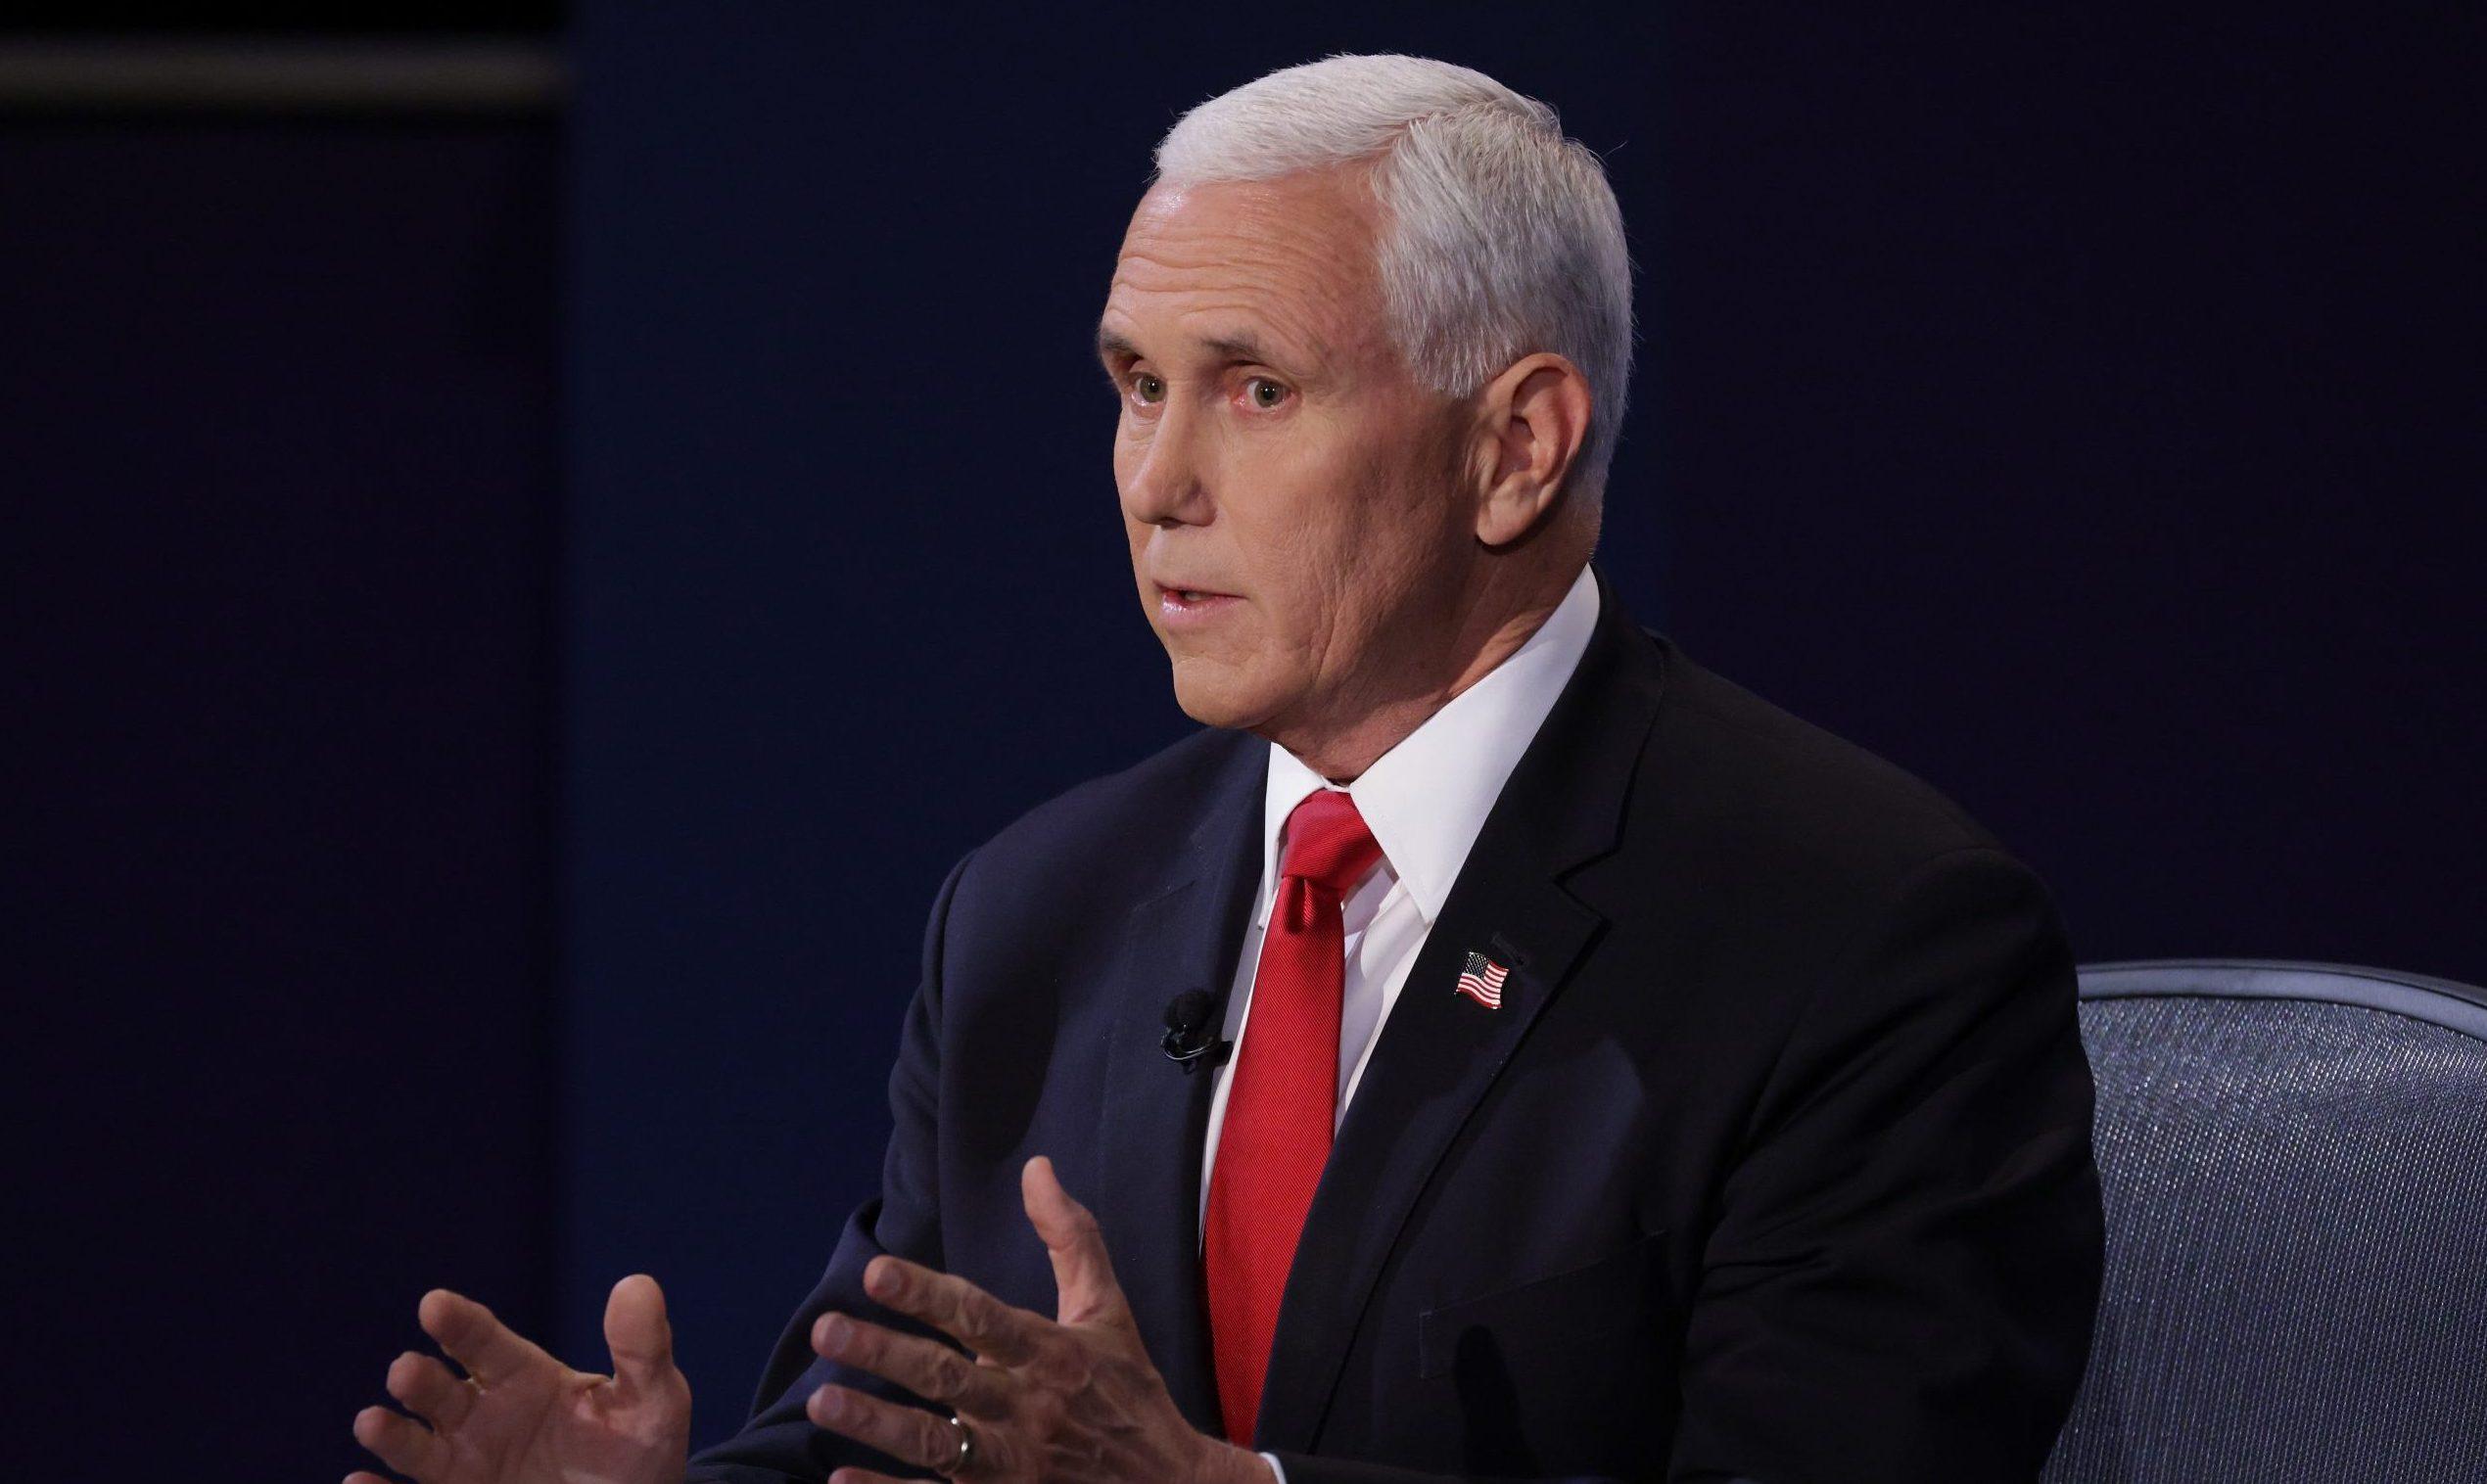 Gericht weist Klage gegen Pence zur Auszählung der Wahlmännerstimmen ab